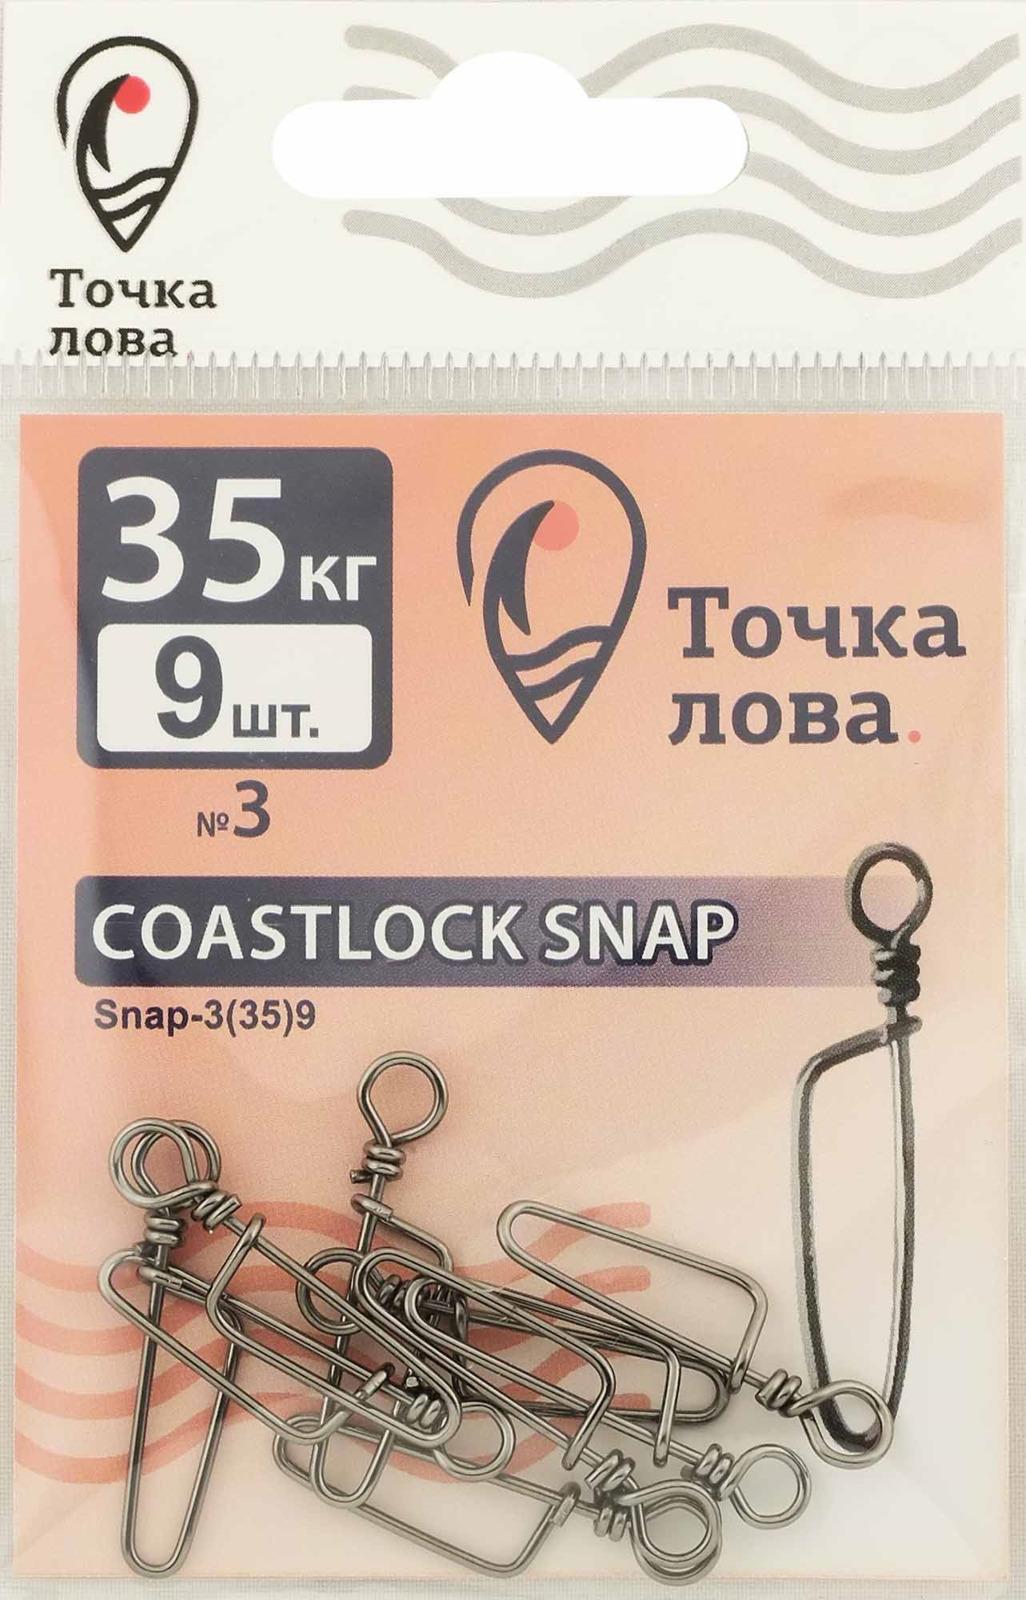 Аксессуар для рыбалки Точка Лова Застежка, Snap-3(35), 9 шт клевалка для русской рыбалки 3 9